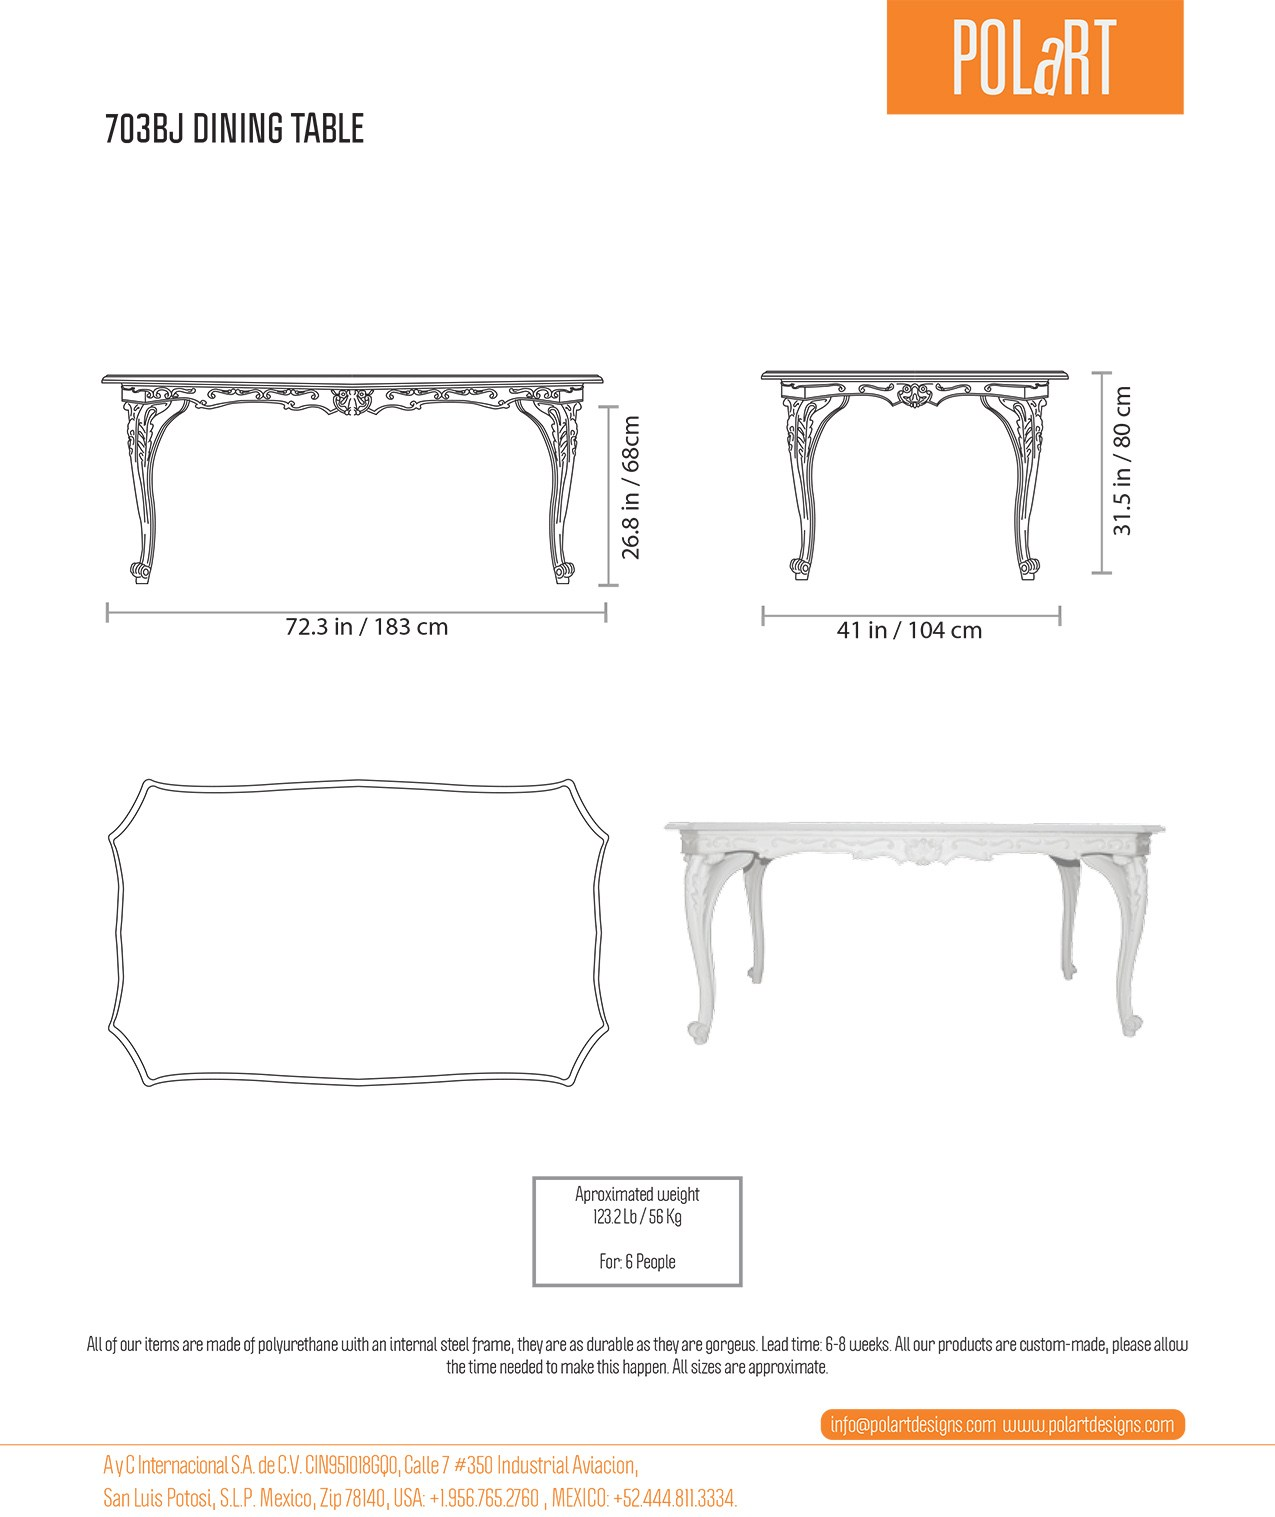 Polart Rectangular Table By Polart # Schema De Meuble Dimension